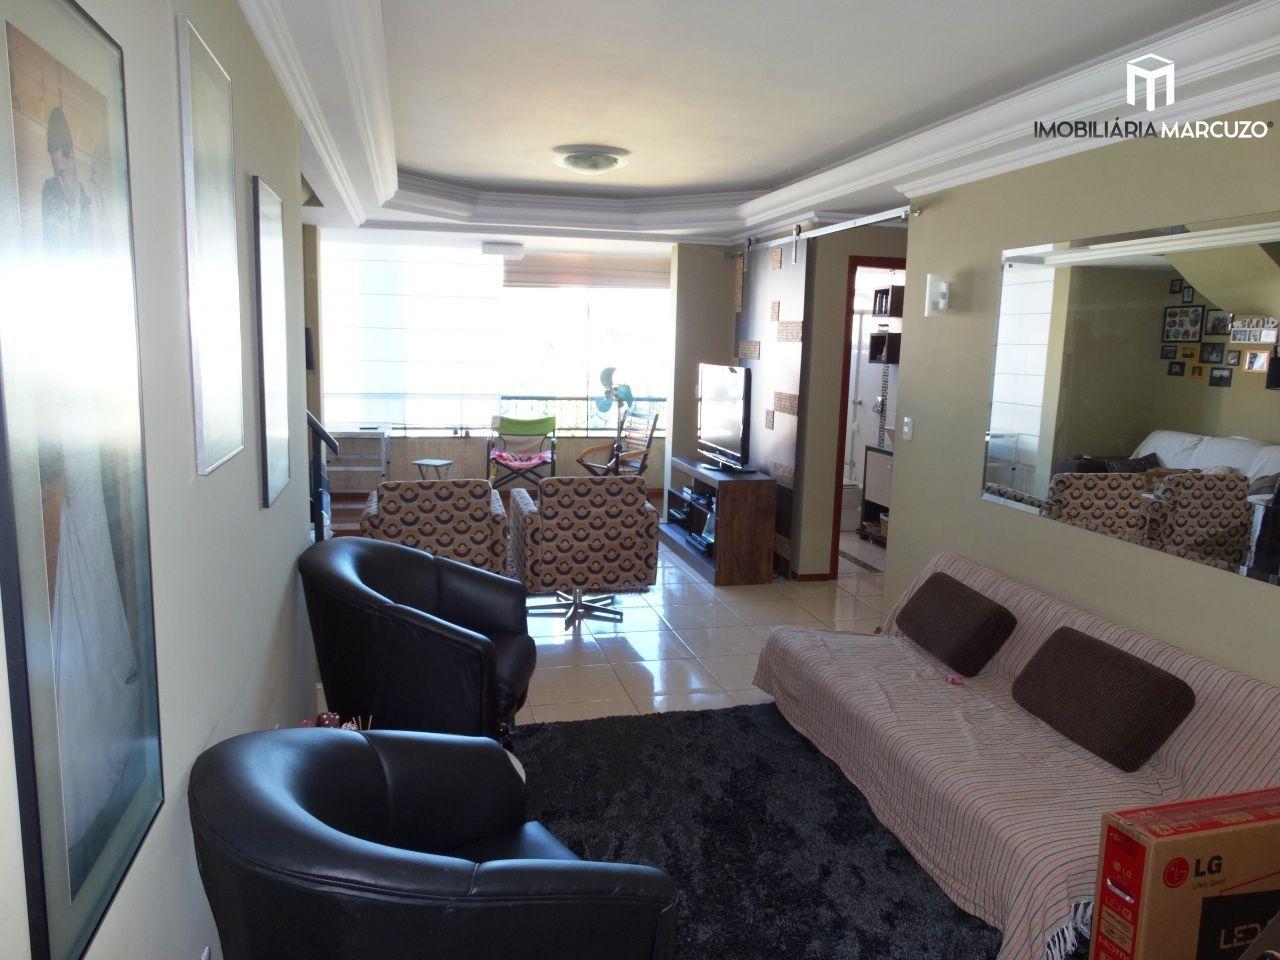 Apartamento com 3 Dormitórios à venda, 126 m² por R$ 420.000,00